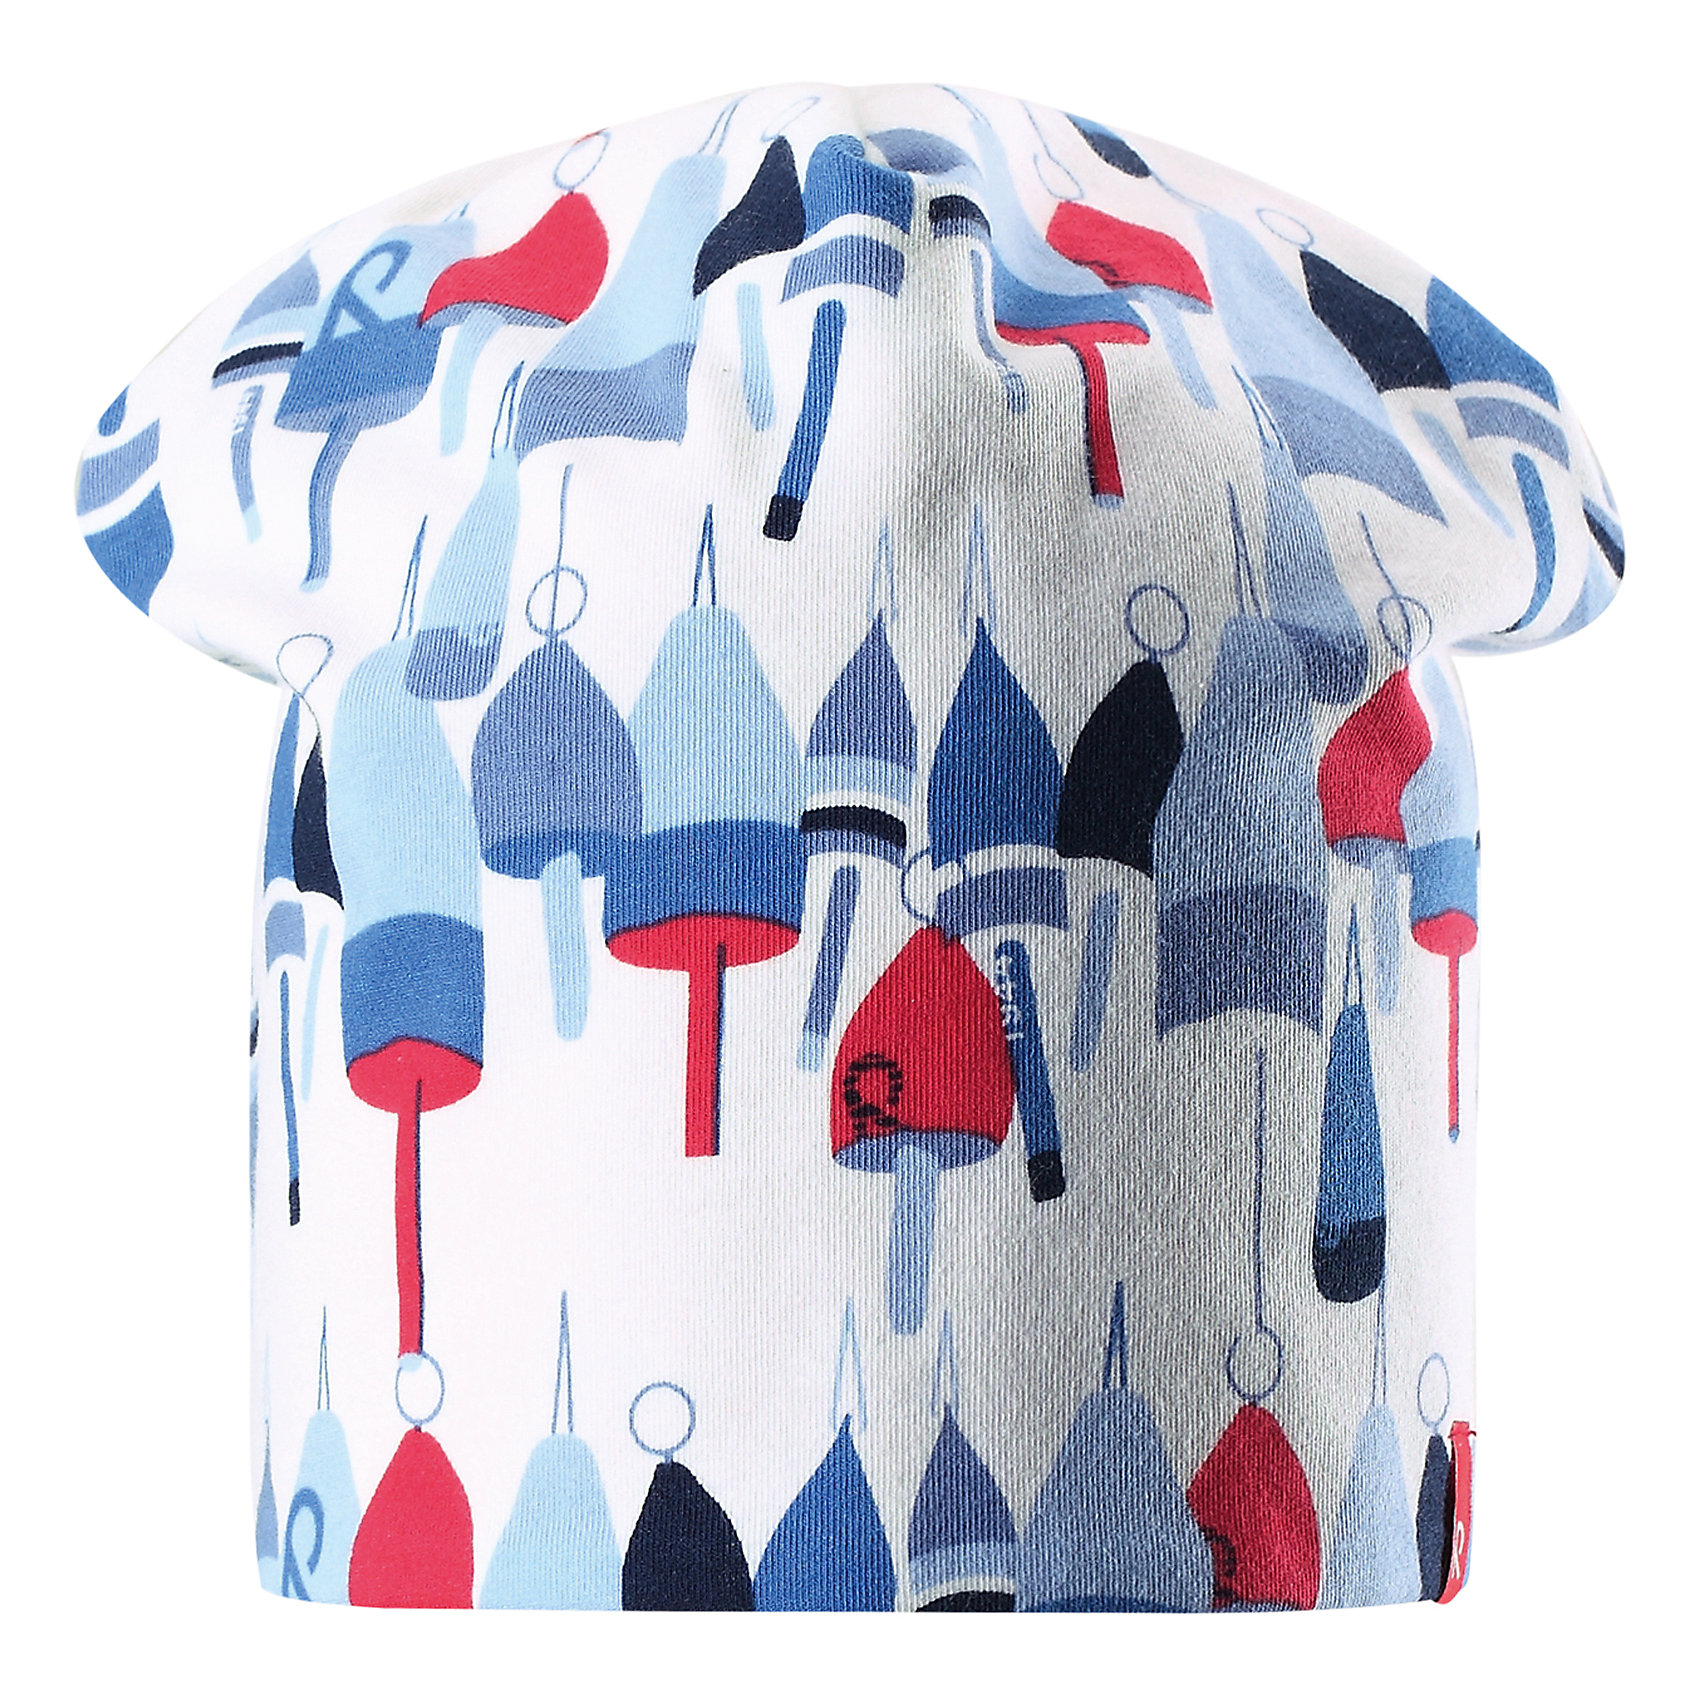 Шапка Frappe для девочки ReimaШапки и шарфы<br>Характеристики товара:<br><br>• цвет: белый принт/красный<br>• быстросохнущий материал<br>• состав: 65% хлопок, 30% полиэстер, 5% эластан<br>• температурный режим: от +5°до +15°С<br>• эластичный материал<br>• сплошная подкладка: влаговыводящий трикотаж<br>• двухсторонняя<br>• отводящий влагу материал Play Jersey<br>• декоративный логотип<br>• фактор защиты от ультрафиолета: 40+<br>• комфортная посадка<br>• страна производства: Китай<br>• страна бренда: Финляндия<br>• коллекция: весна-лето 2017<br><br>Детский головной убор может быть модным и удобным одновременно! Стильная шапка поможет обеспечить ребенку комфорт и дополнить наряд. Она отлично смотрится с различной одеждой. Шапка удобно сидит и аккуратно выглядит. Проста в уходе, долго служит. Стильный дизайн разрабатывался специально для детей. Отличная защита от солнца!<br><br>Одежда и обувь от финского бренда Reima пользуется популярностью во многих странах. Эти изделия стильные, качественные и удобные. Для производства продукции используются только безопасные, проверенные материалы и фурнитура. Порадуйте ребенка модными и красивыми вещами от Reima! <br><br>Шапку для мальчика от финского бренда Reima (Рейма) можно купить в нашем интернет-магазине.<br><br>Ширина мм: 89<br>Глубина мм: 117<br>Высота мм: 44<br>Вес г: 155<br>Цвет: белый<br>Возраст от месяцев: 18<br>Возраст до месяцев: 36<br>Пол: Женский<br>Возраст: Детский<br>Размер: 50,54<br>SKU: 5267922